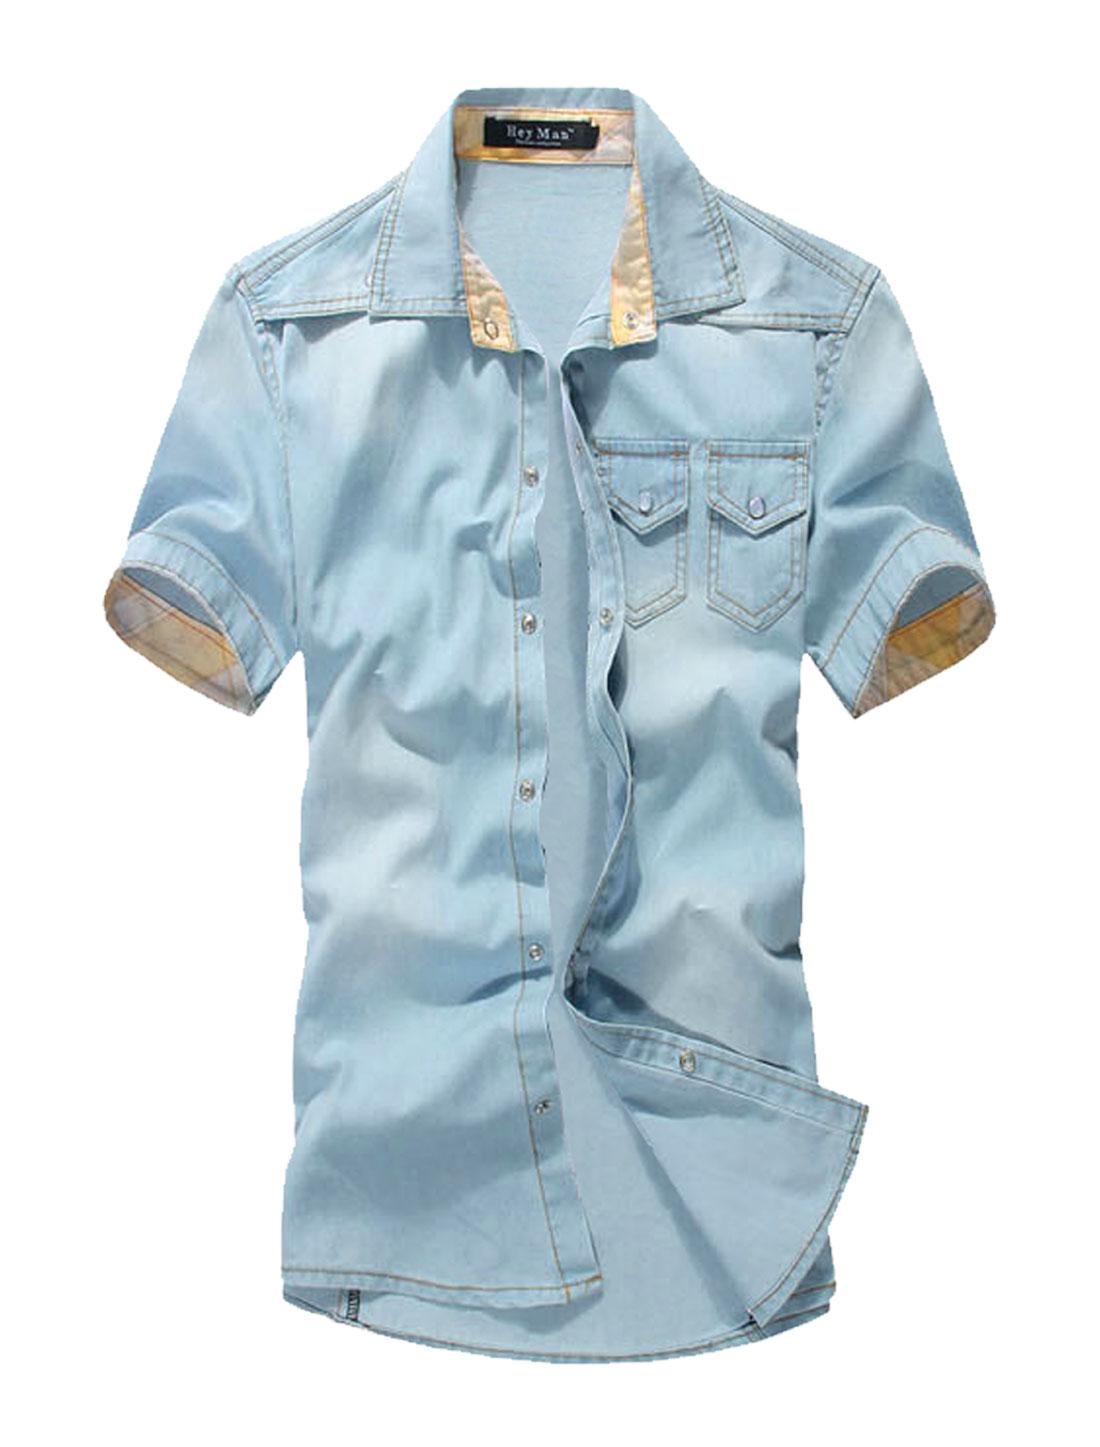 Men Chest Pockets Plaids Detail Cuffed NEW Denim Shirt Light Blue M